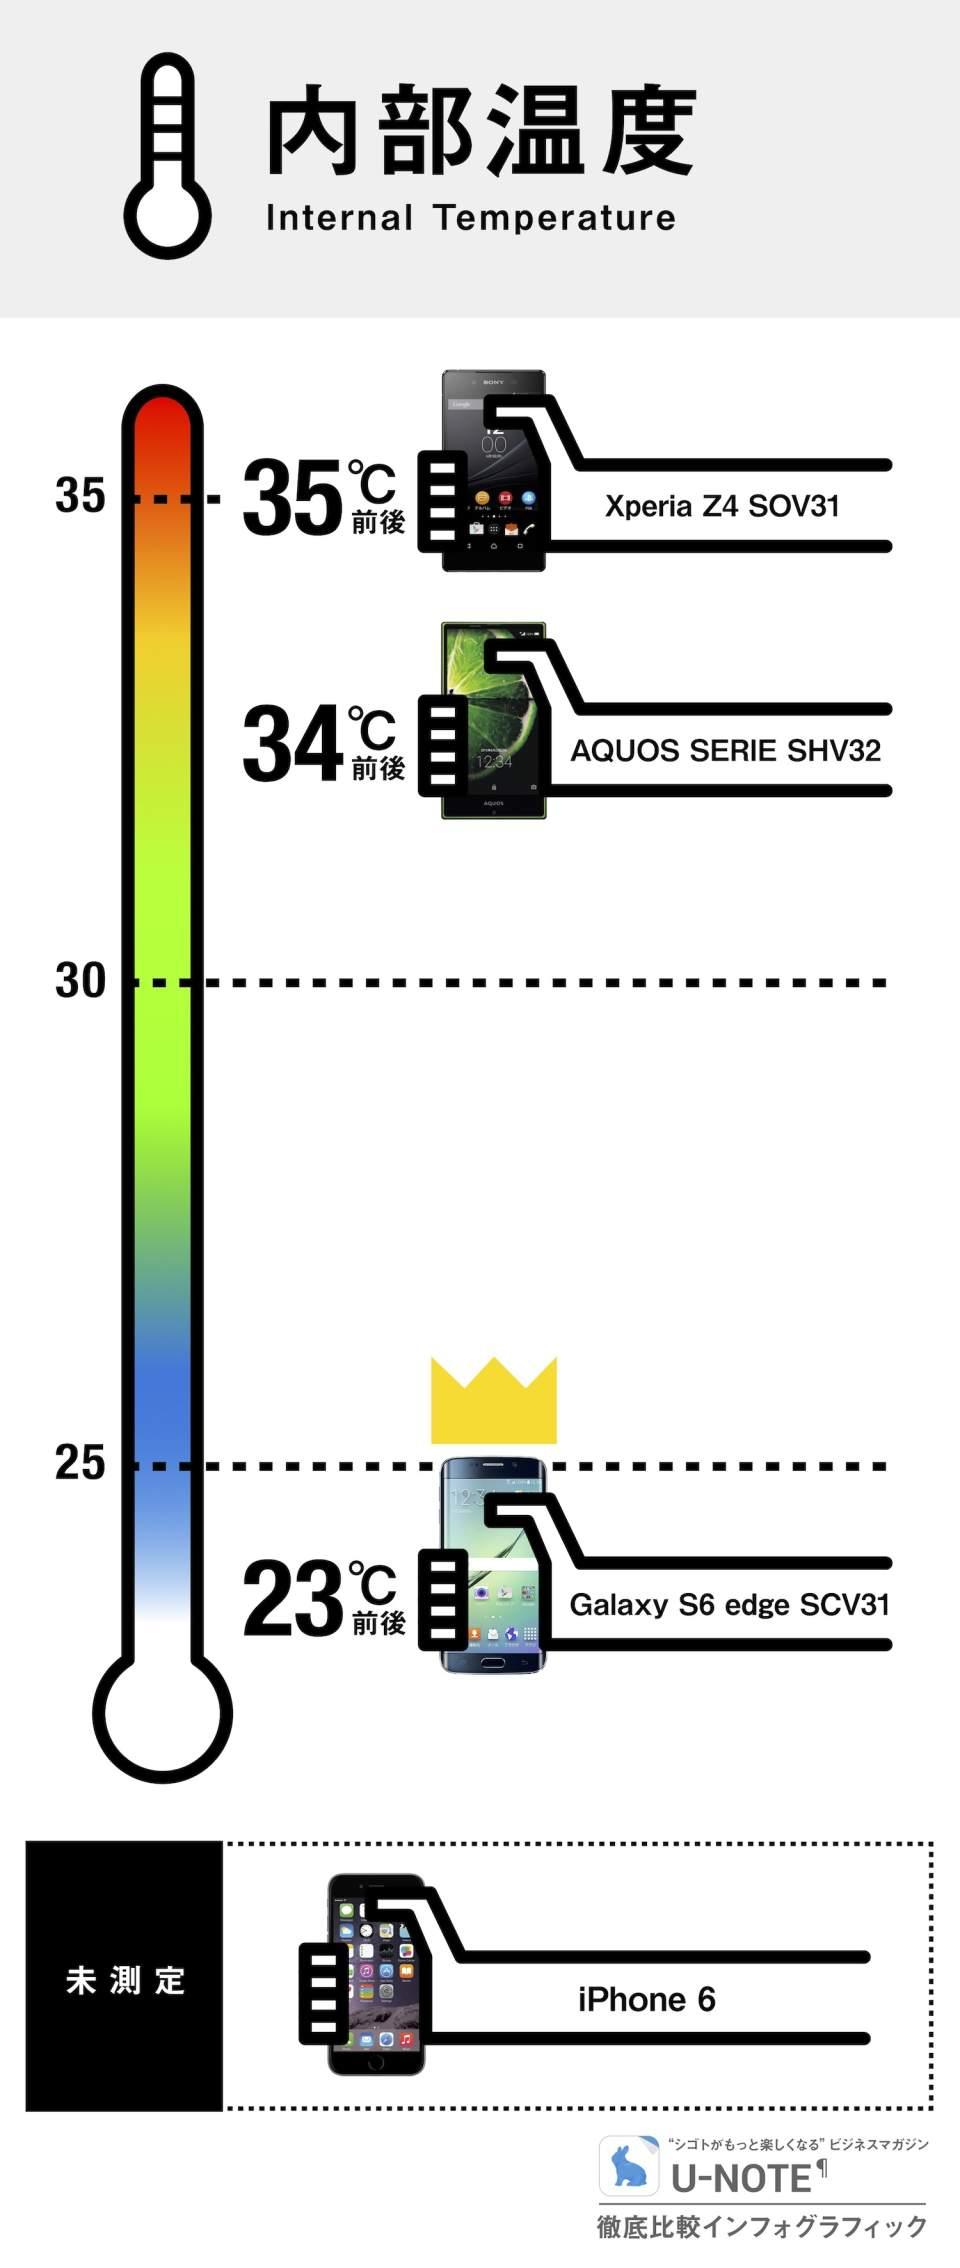 生まれ変わったGalaxy S6 edgeは、最強スマホたりえるか:徹底比較インフォグラフィック 5番目の画像